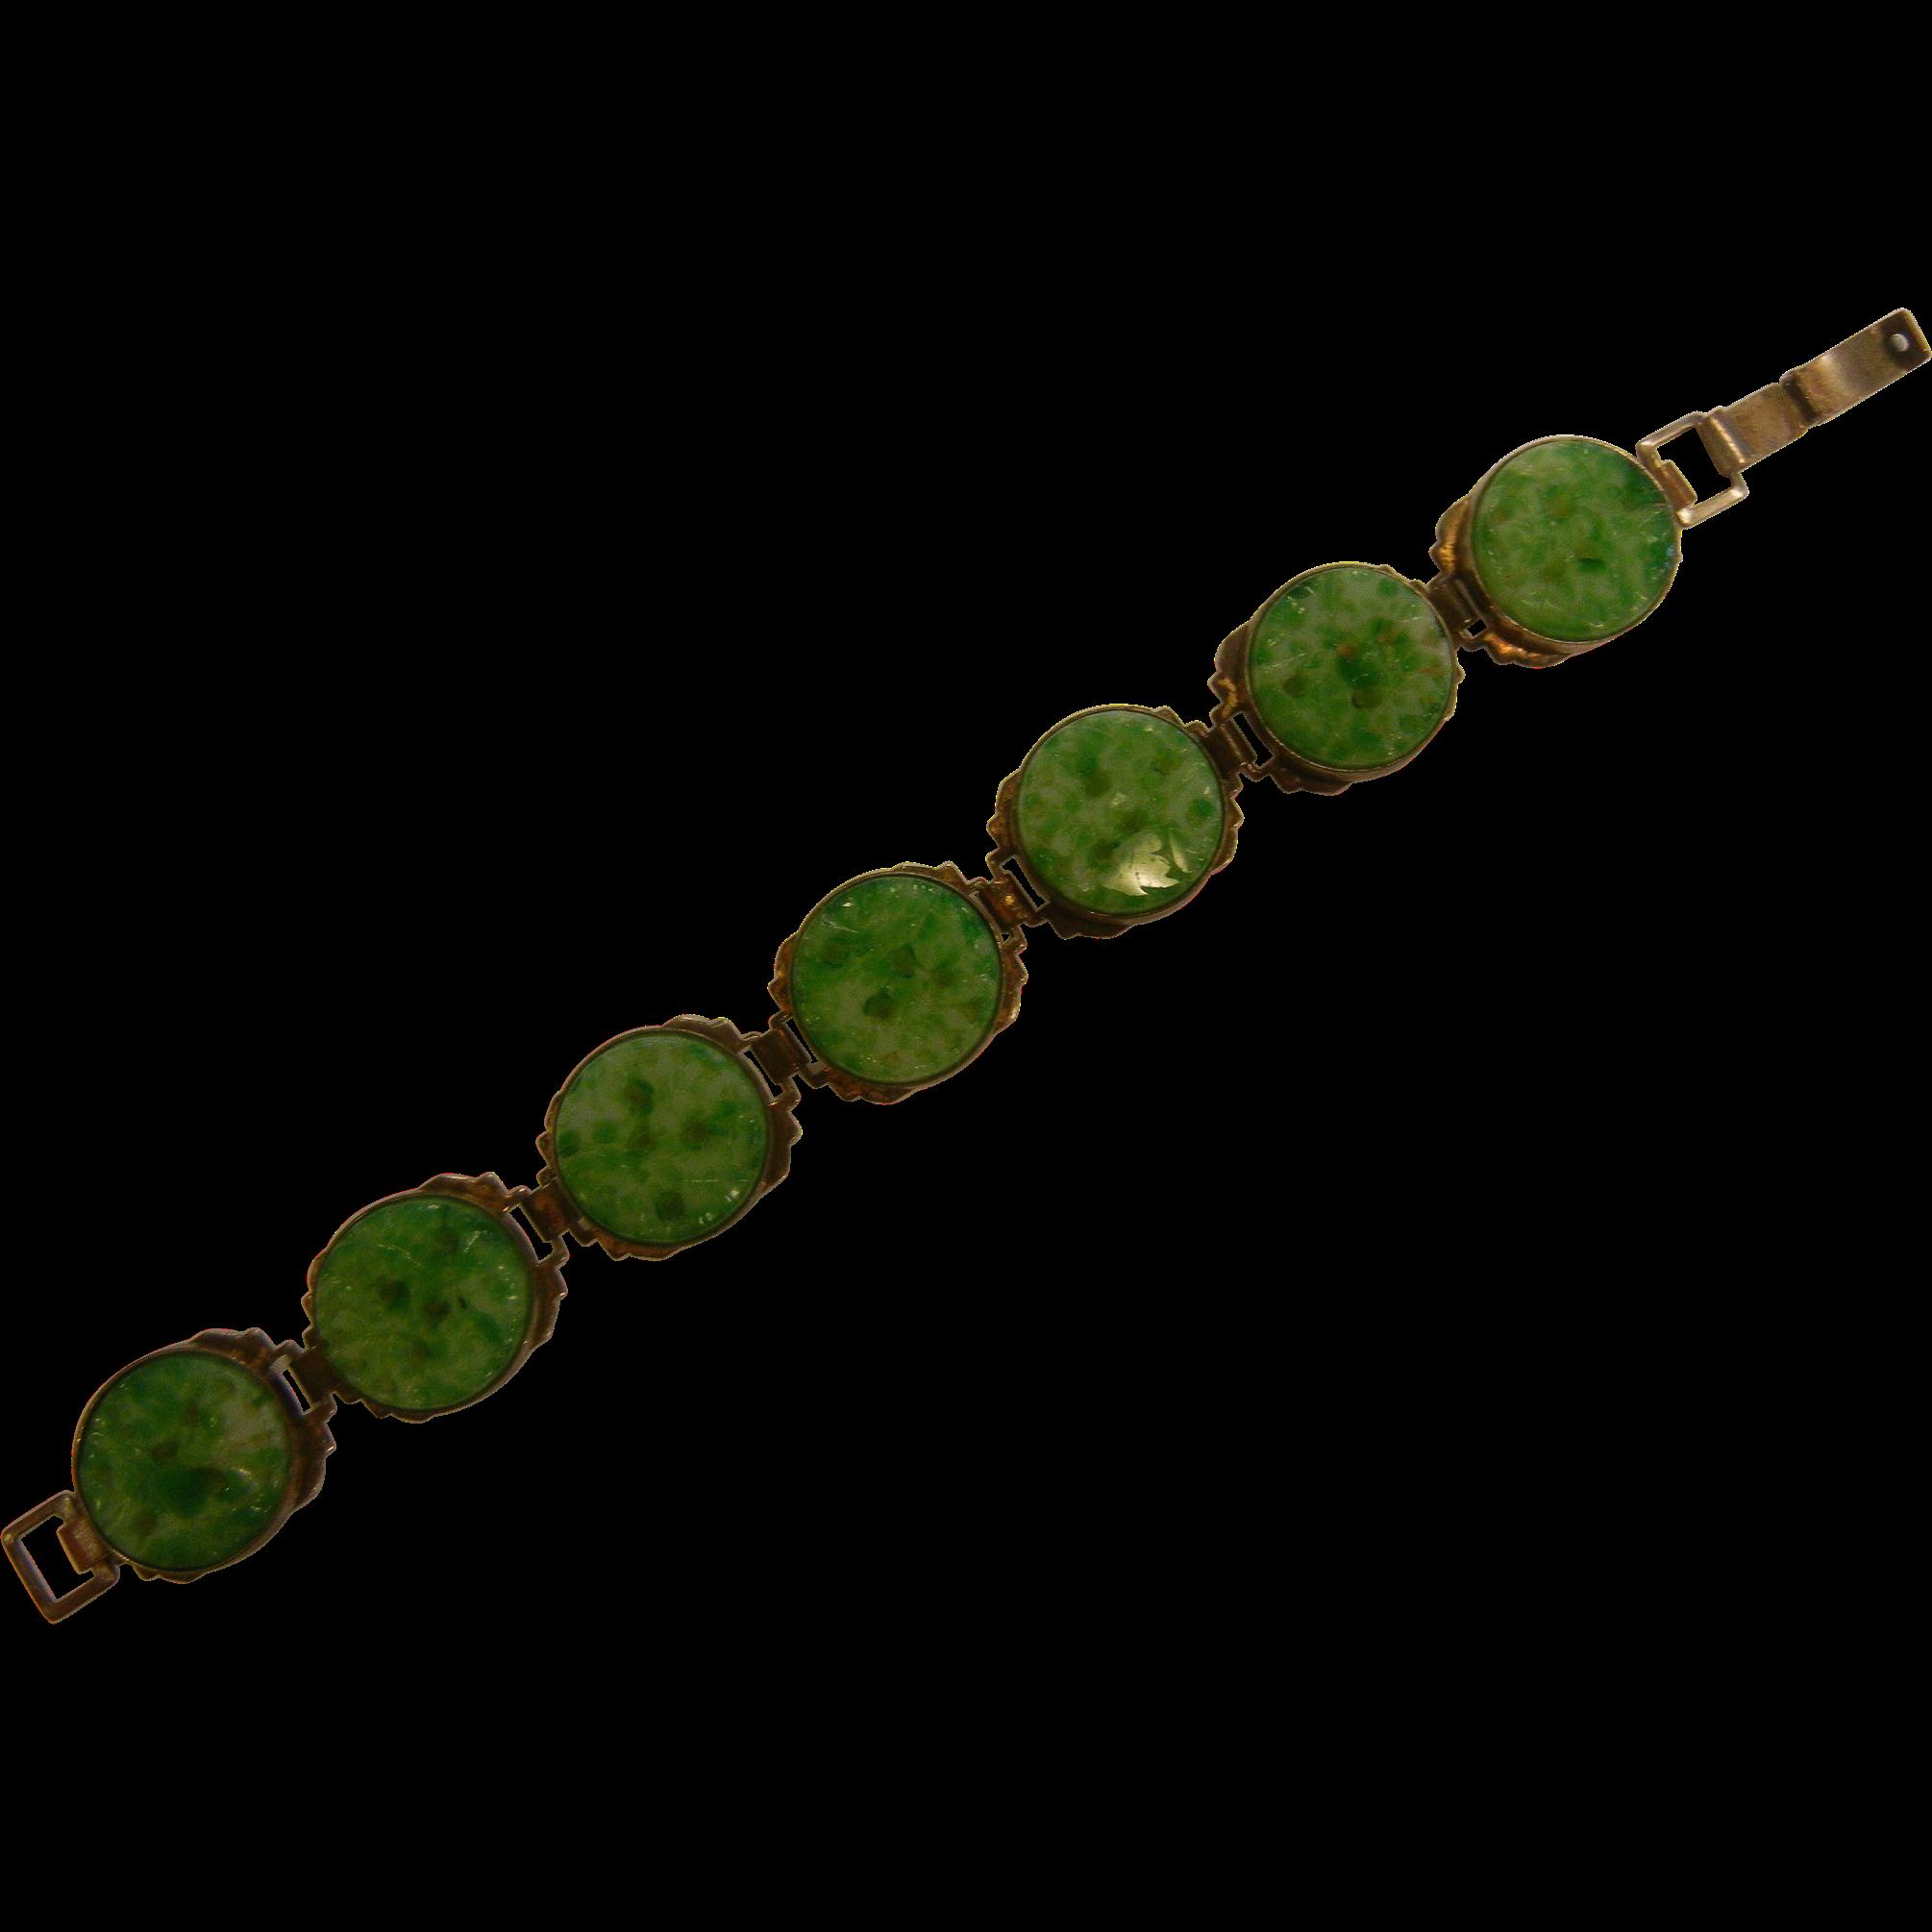 Best Ever Vintage Jade Green Molded Glass Link Bracelet